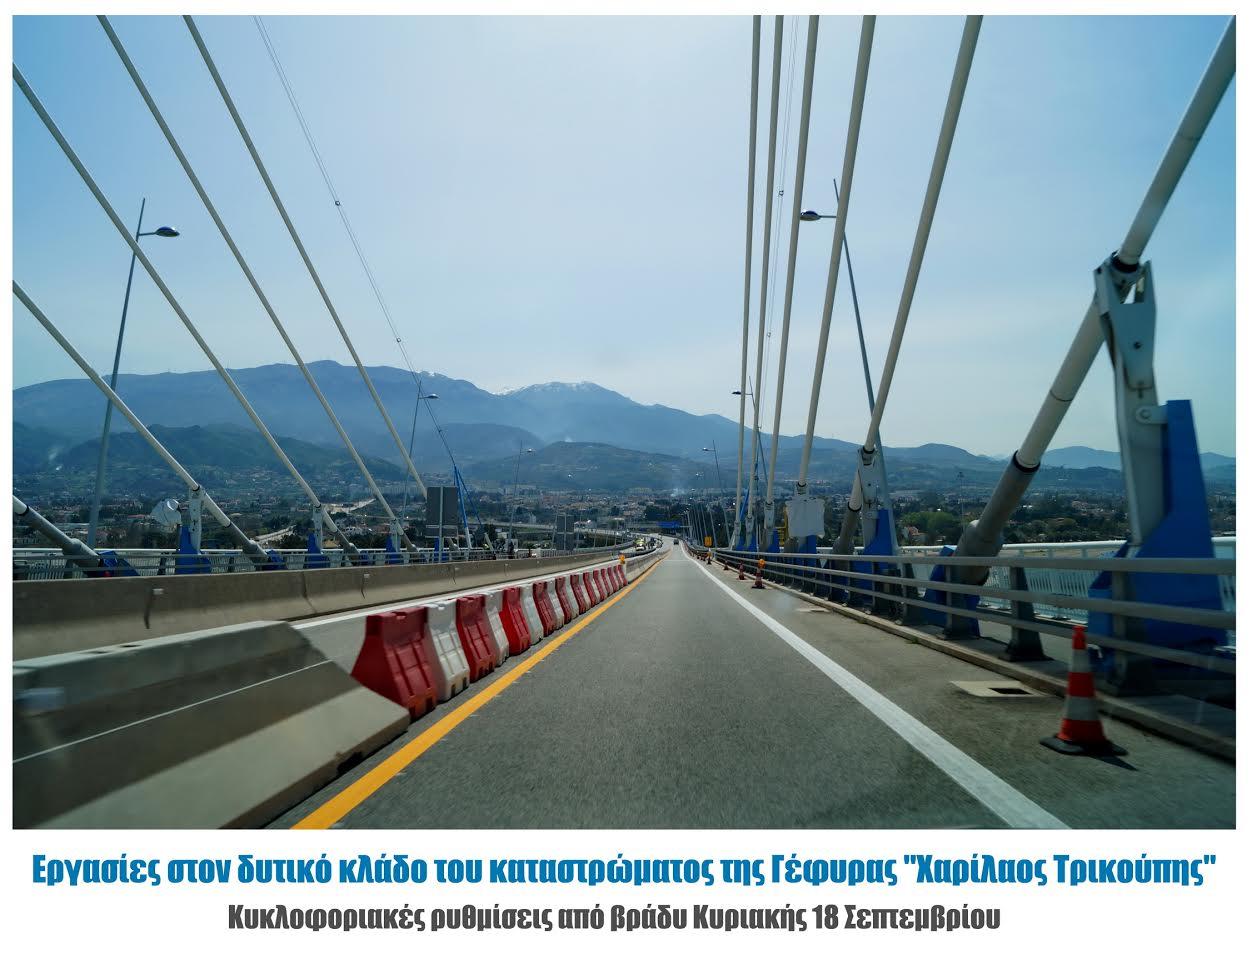 Κυκλοφοριακές ρυθμίσεις στη Γέφυρα  λόγω εργασιών στον δυτικό κλάδο